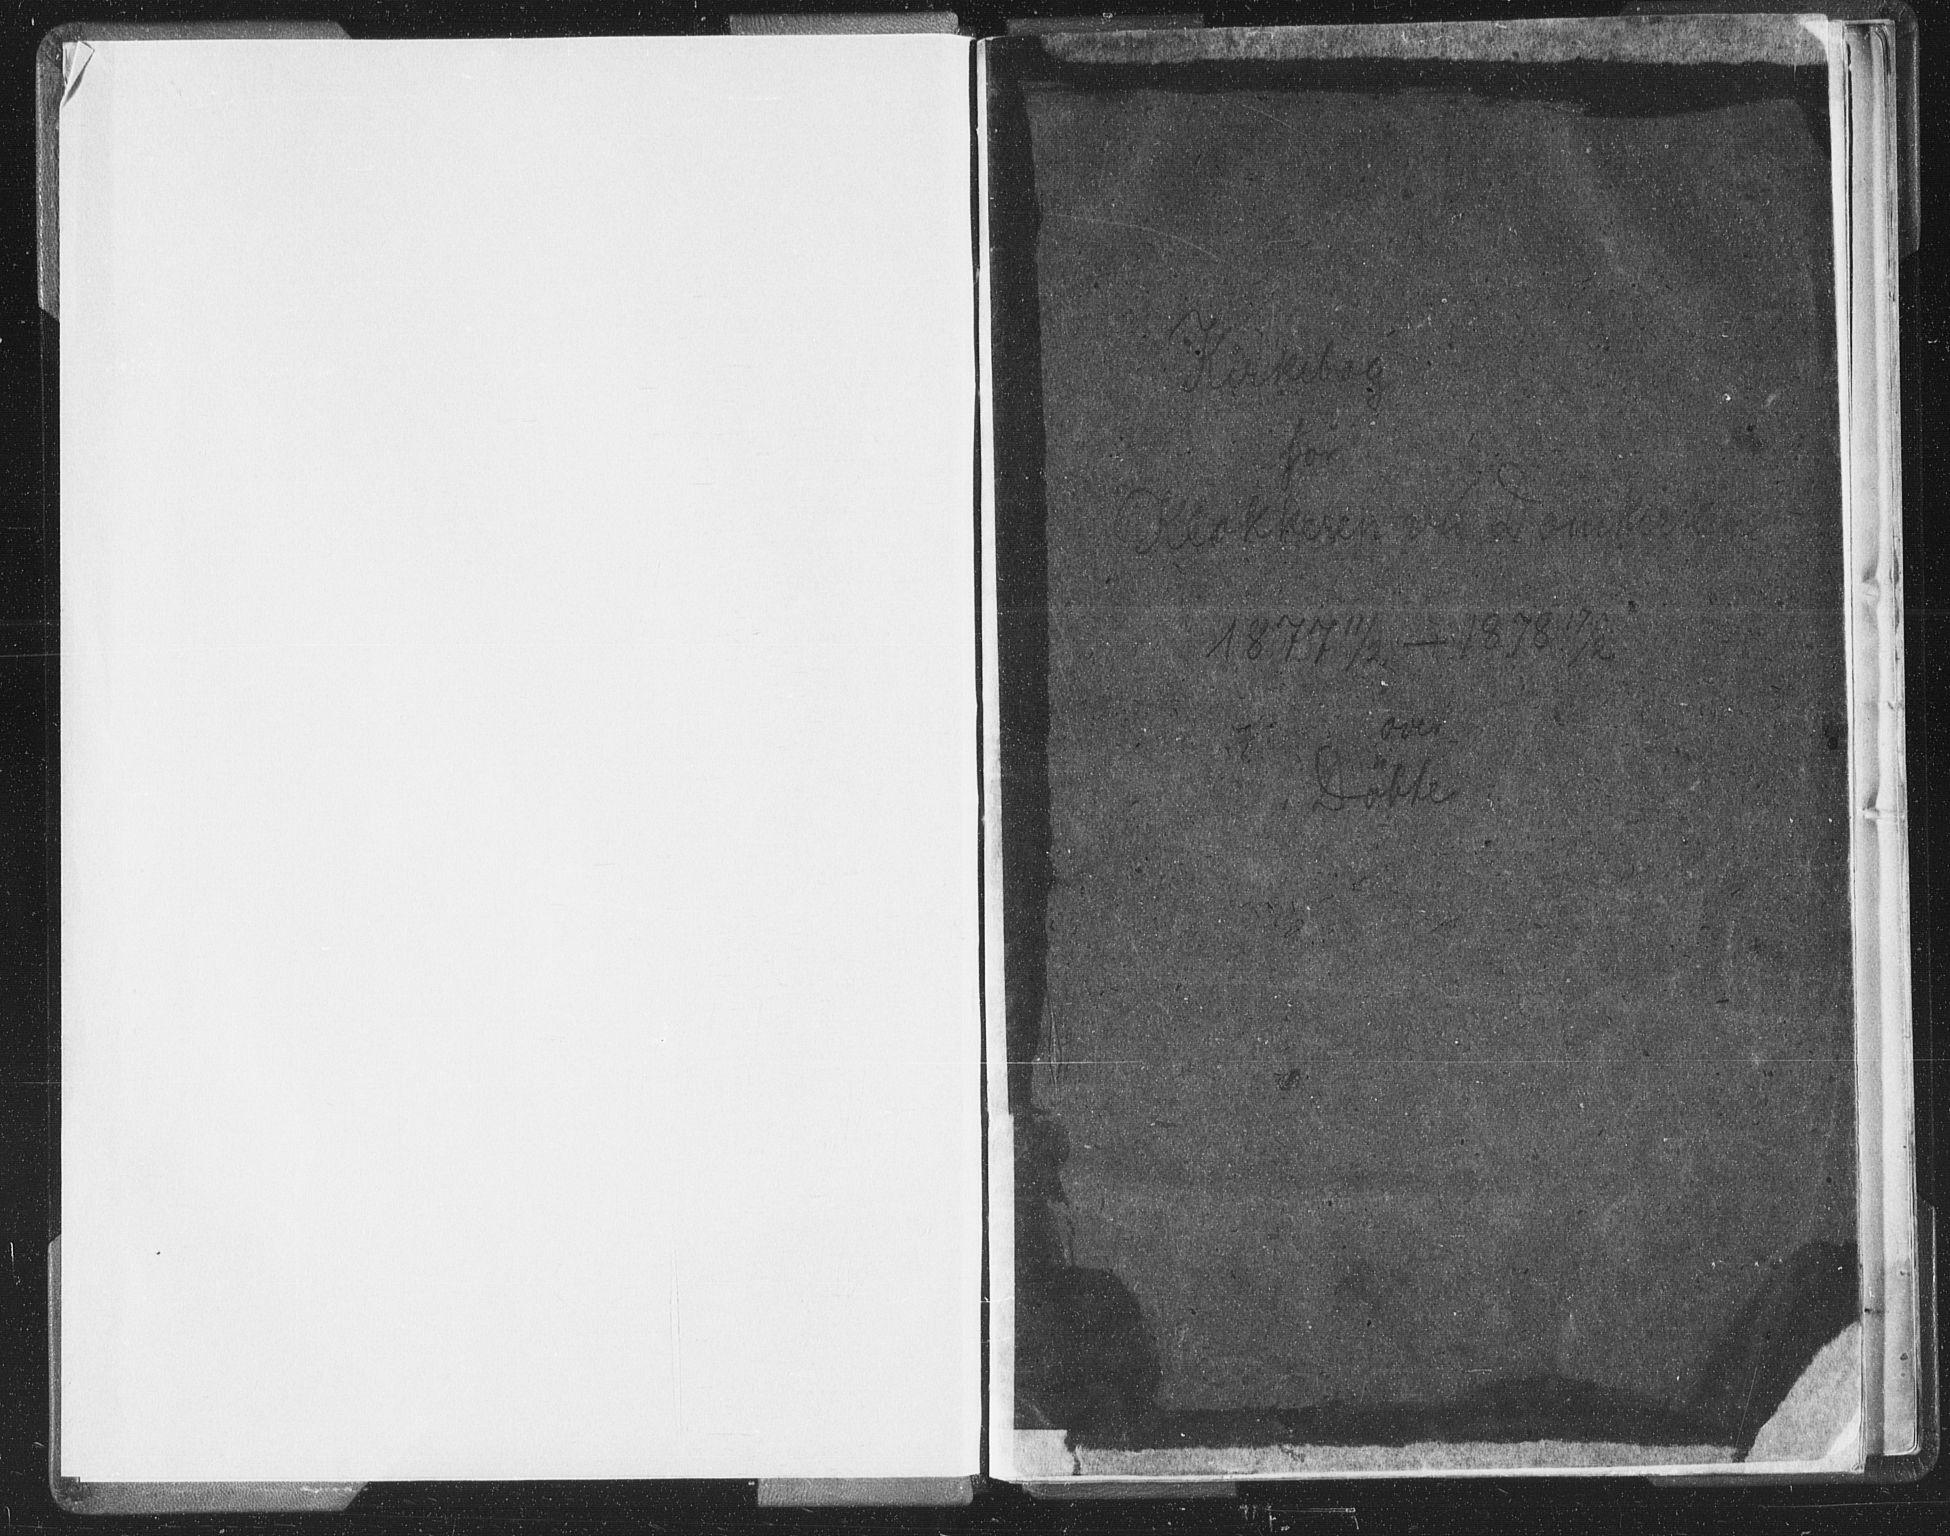 SAT, Ministerialprotokoller, klokkerbøker og fødselsregistre - Sør-Trøndelag, 601/L0090: Klokkerbok nr. 601C08, 1877-1878